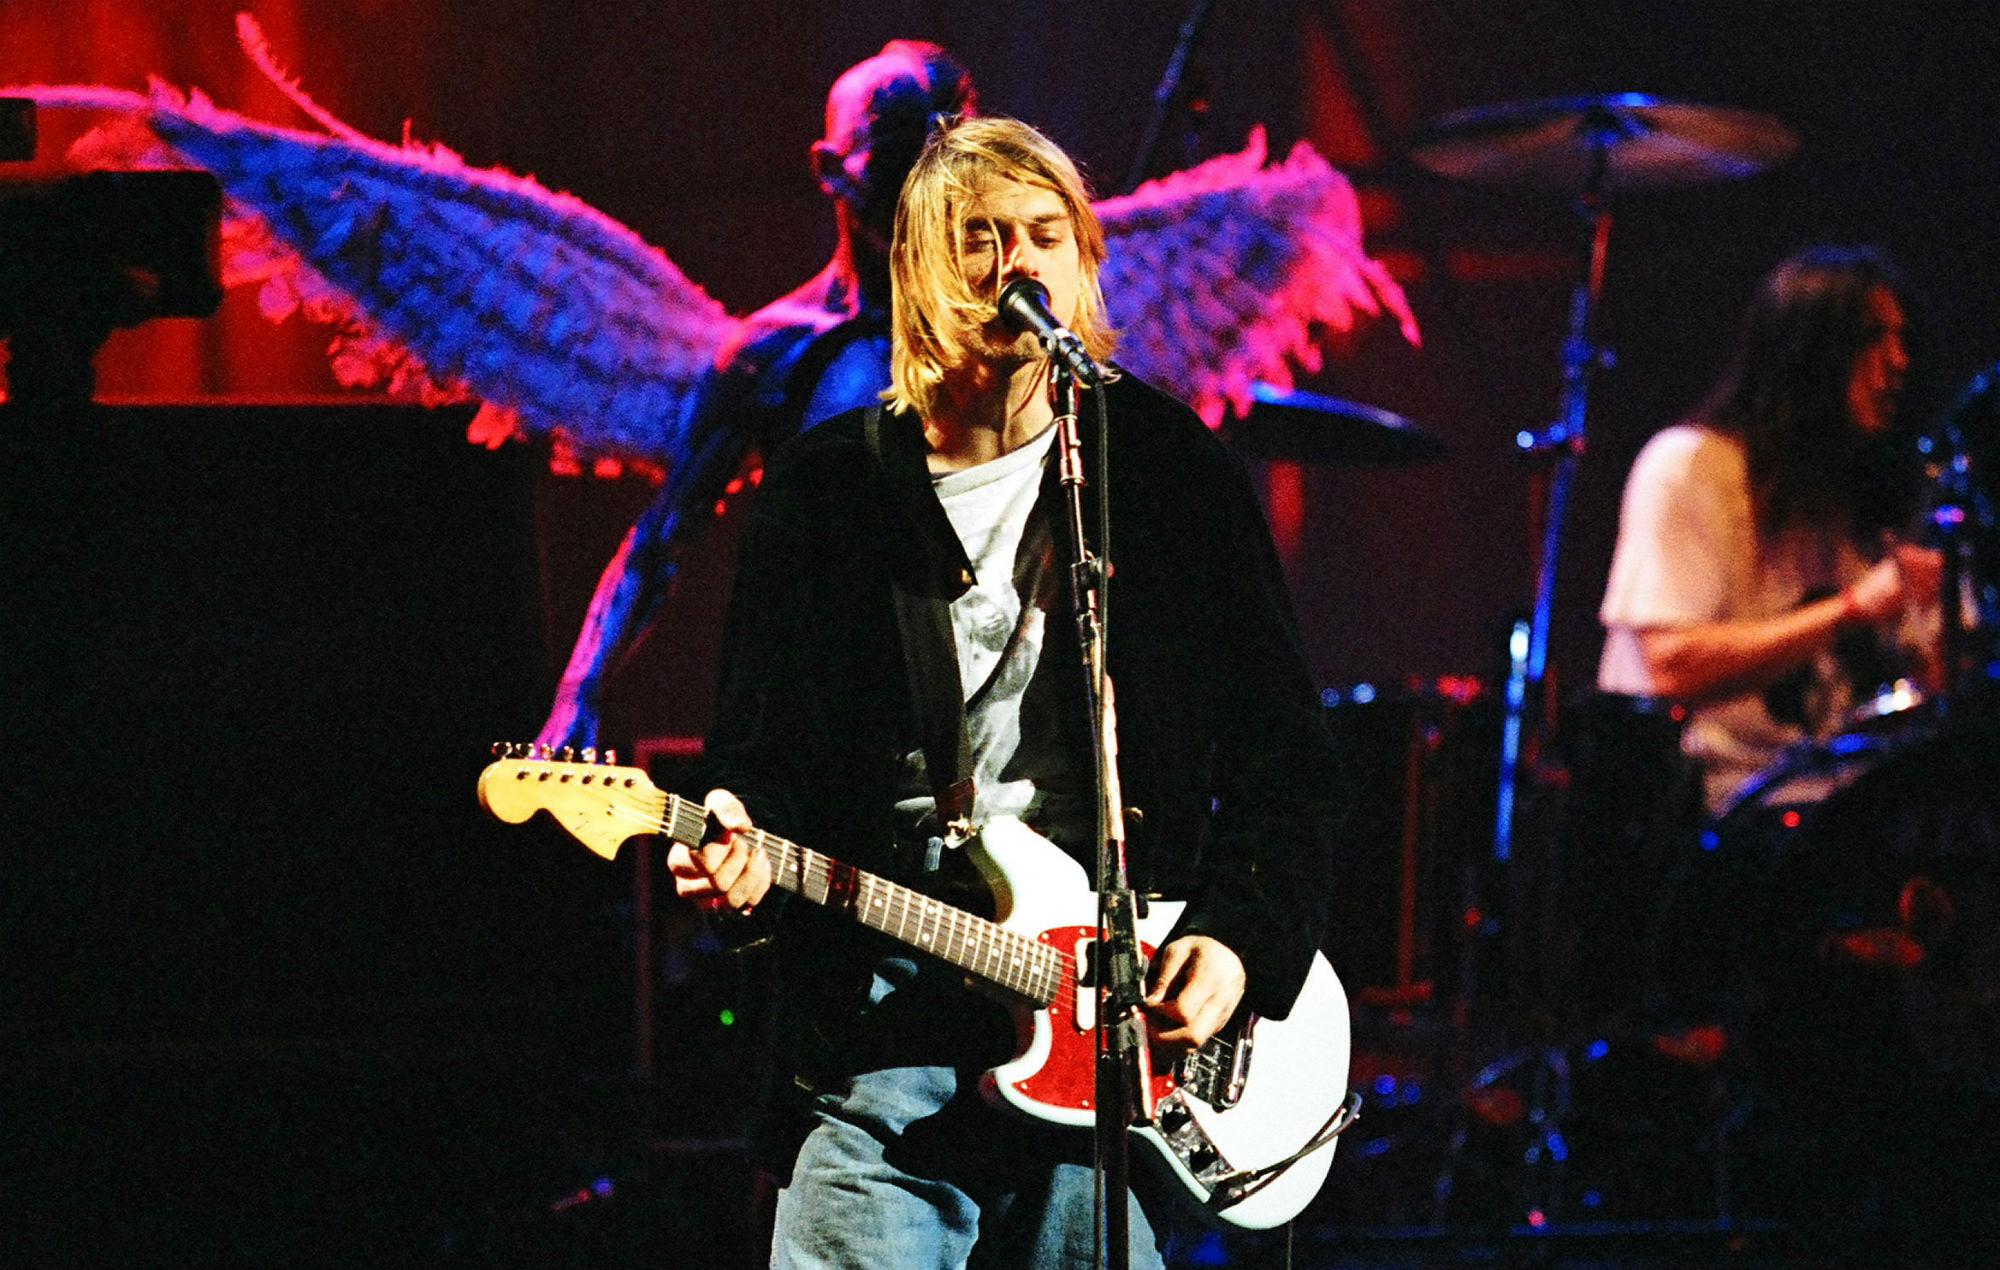 Курт Кобейн на концерте группы Nirvana в Сиэтле (13 декабря 1993 года)